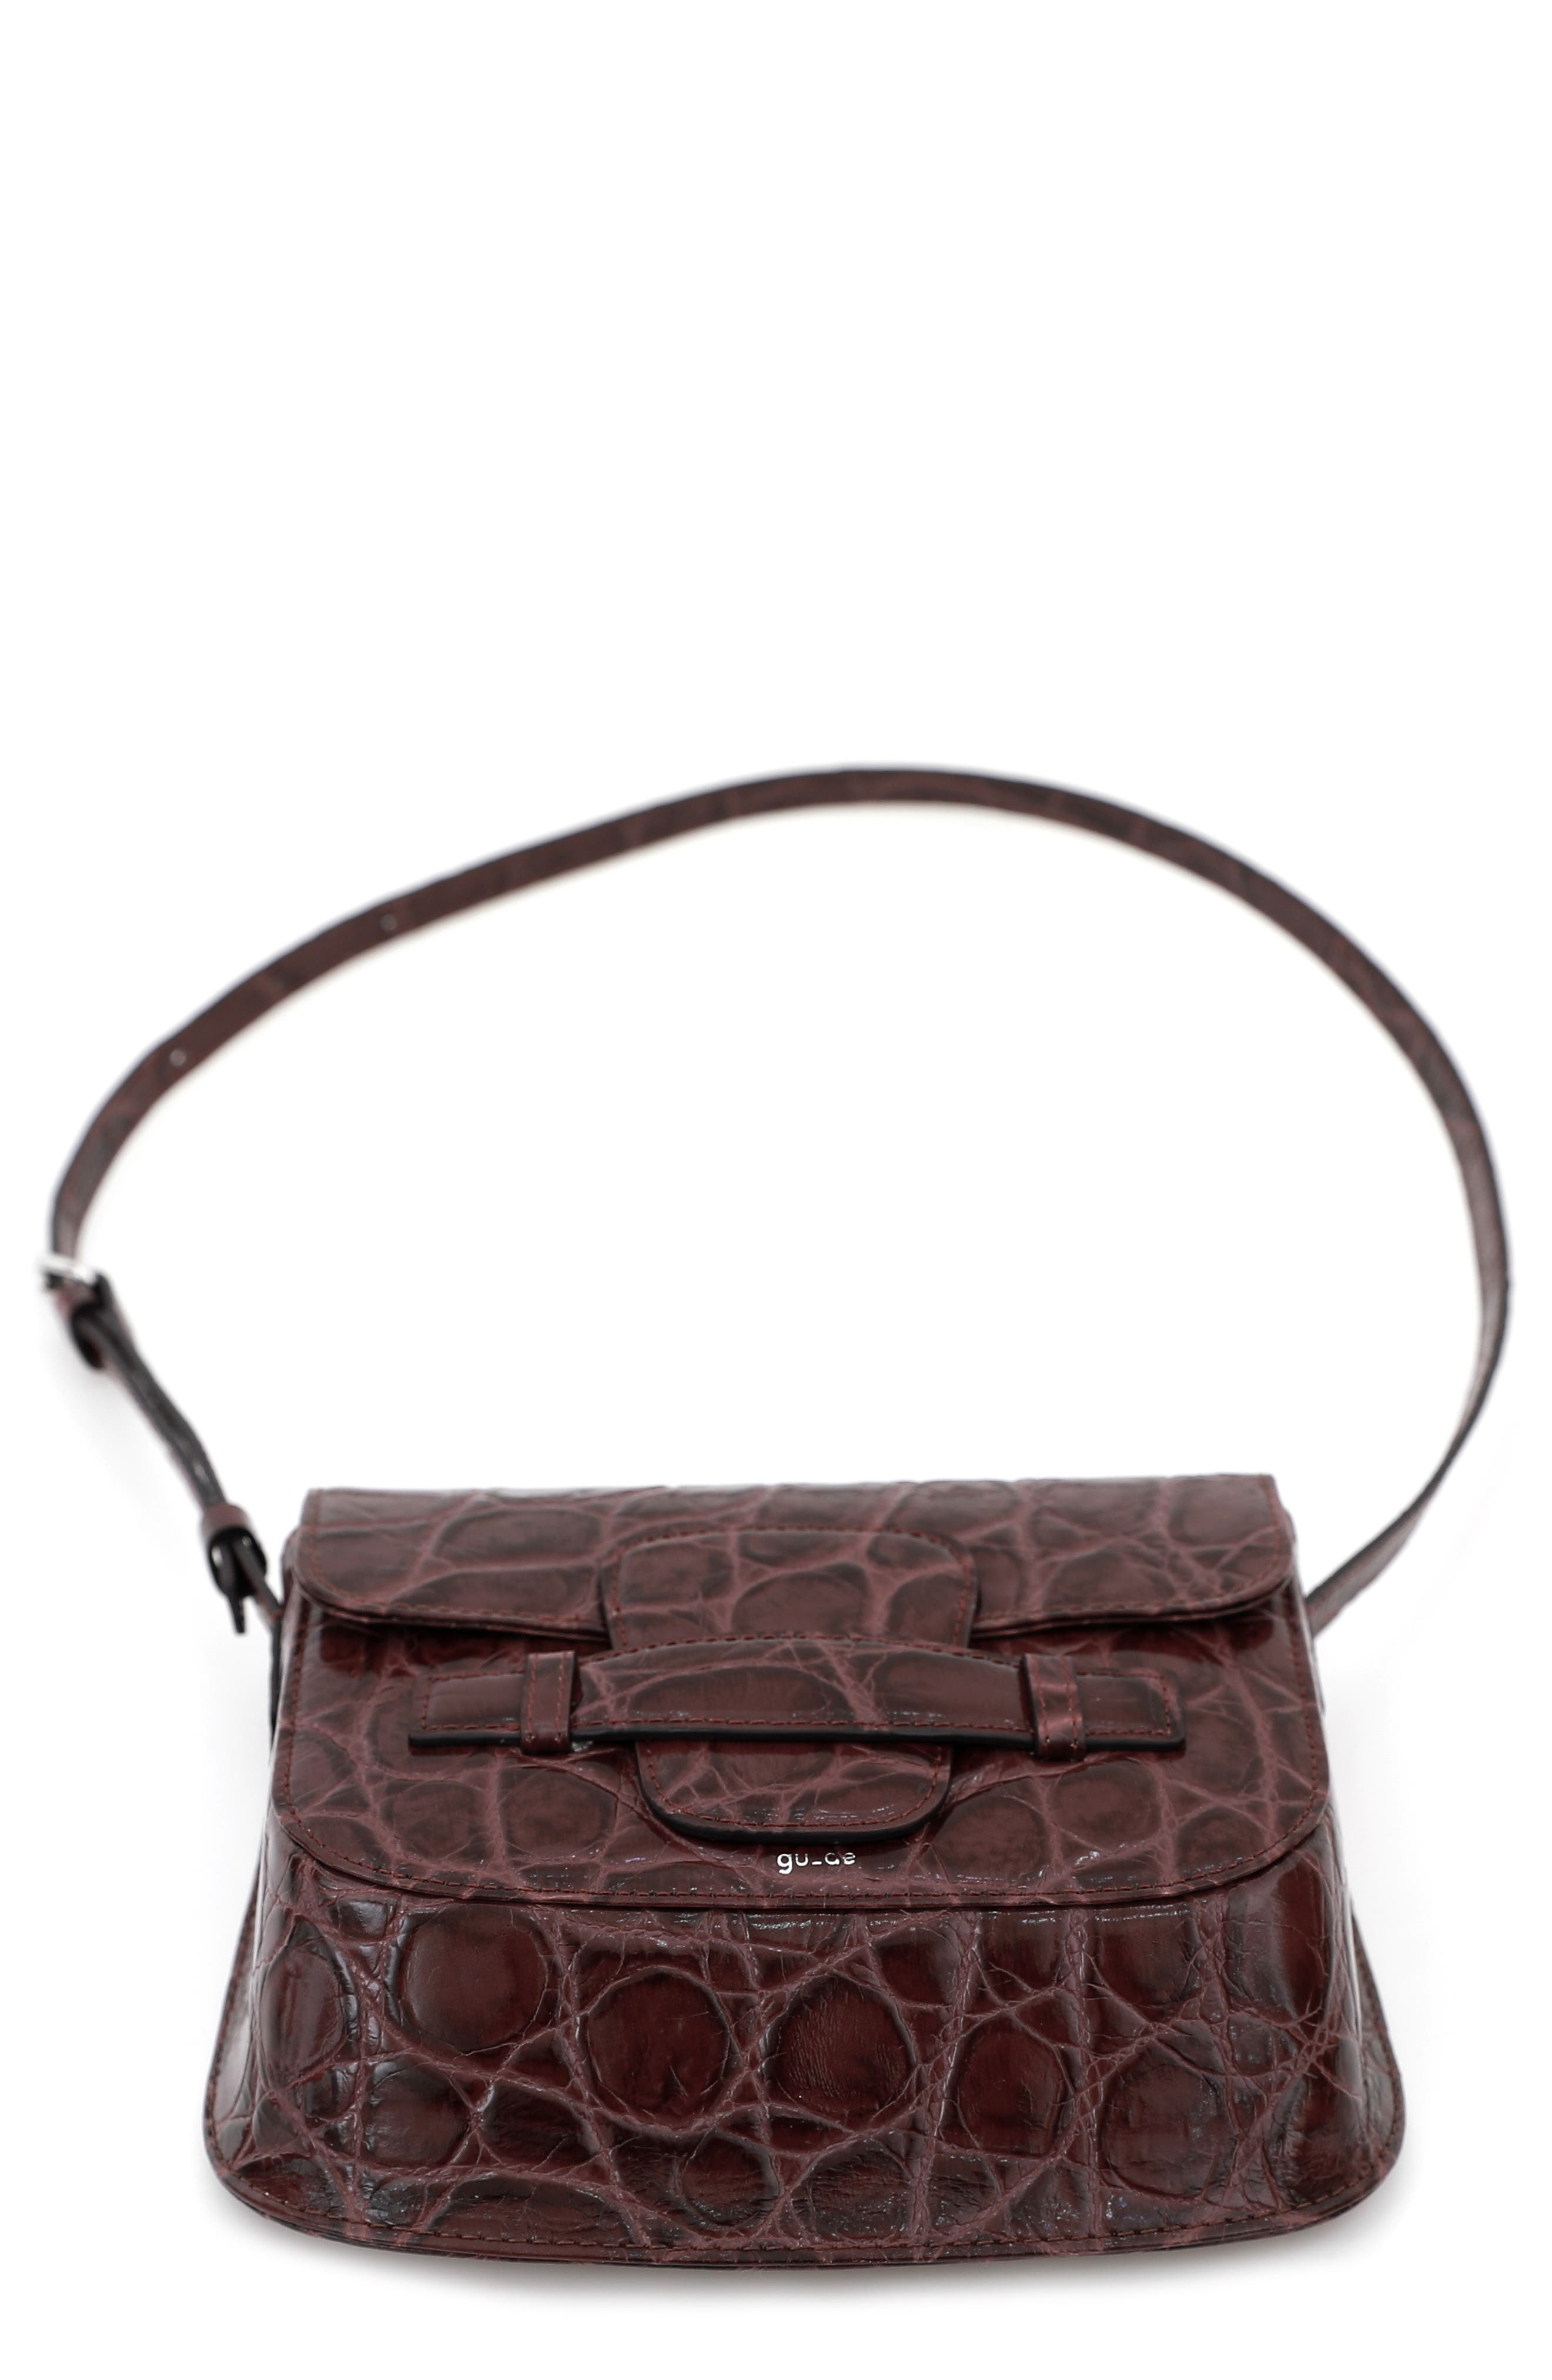 Gu-De Evie Croc Embossed Leather Shoulder Bag